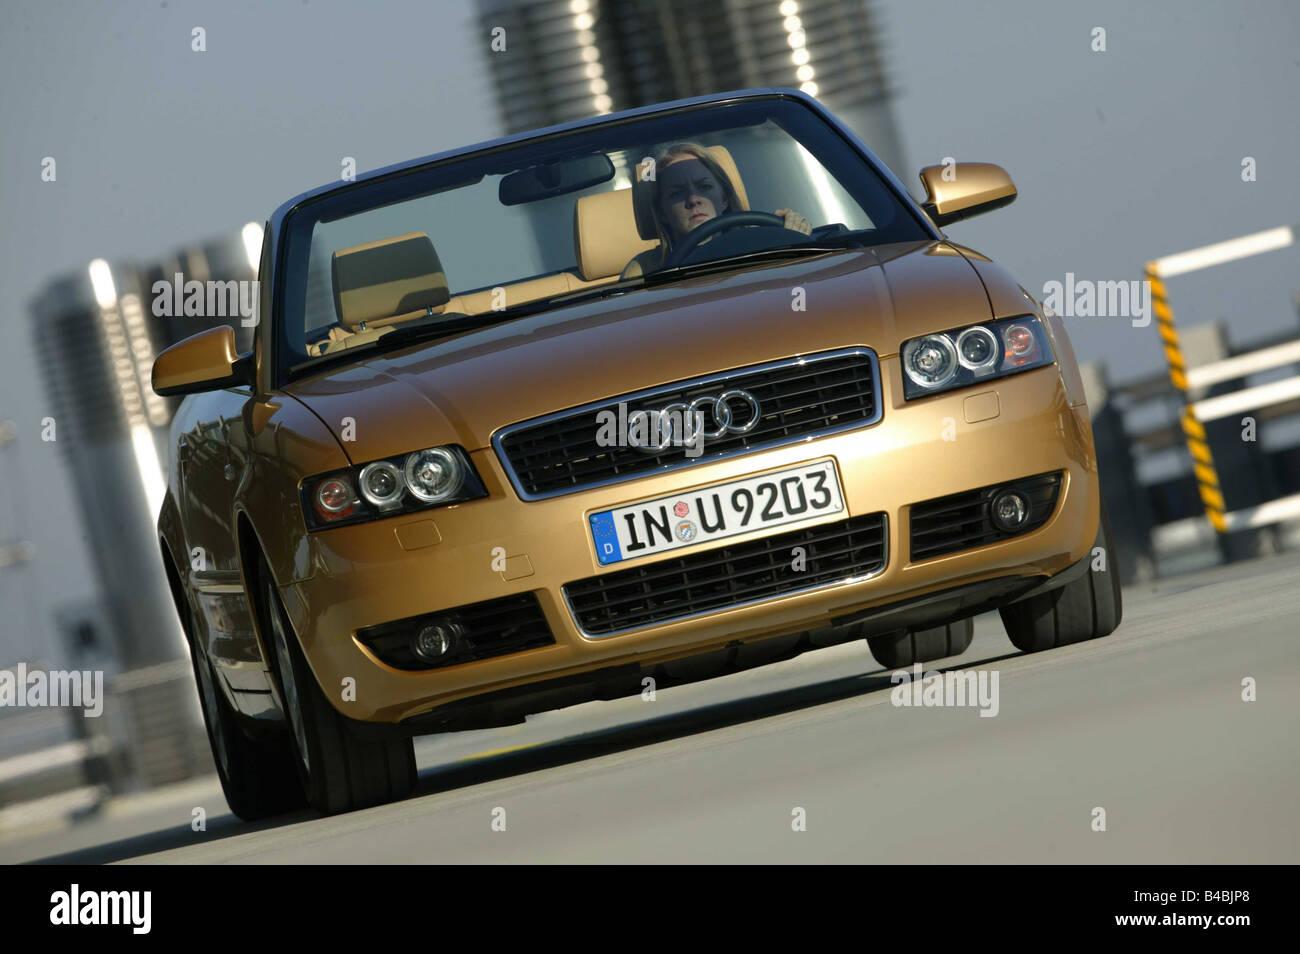 Auto Audi A4 Cabrio Diesel Motor Modell Jahr 2000 Gold Oben